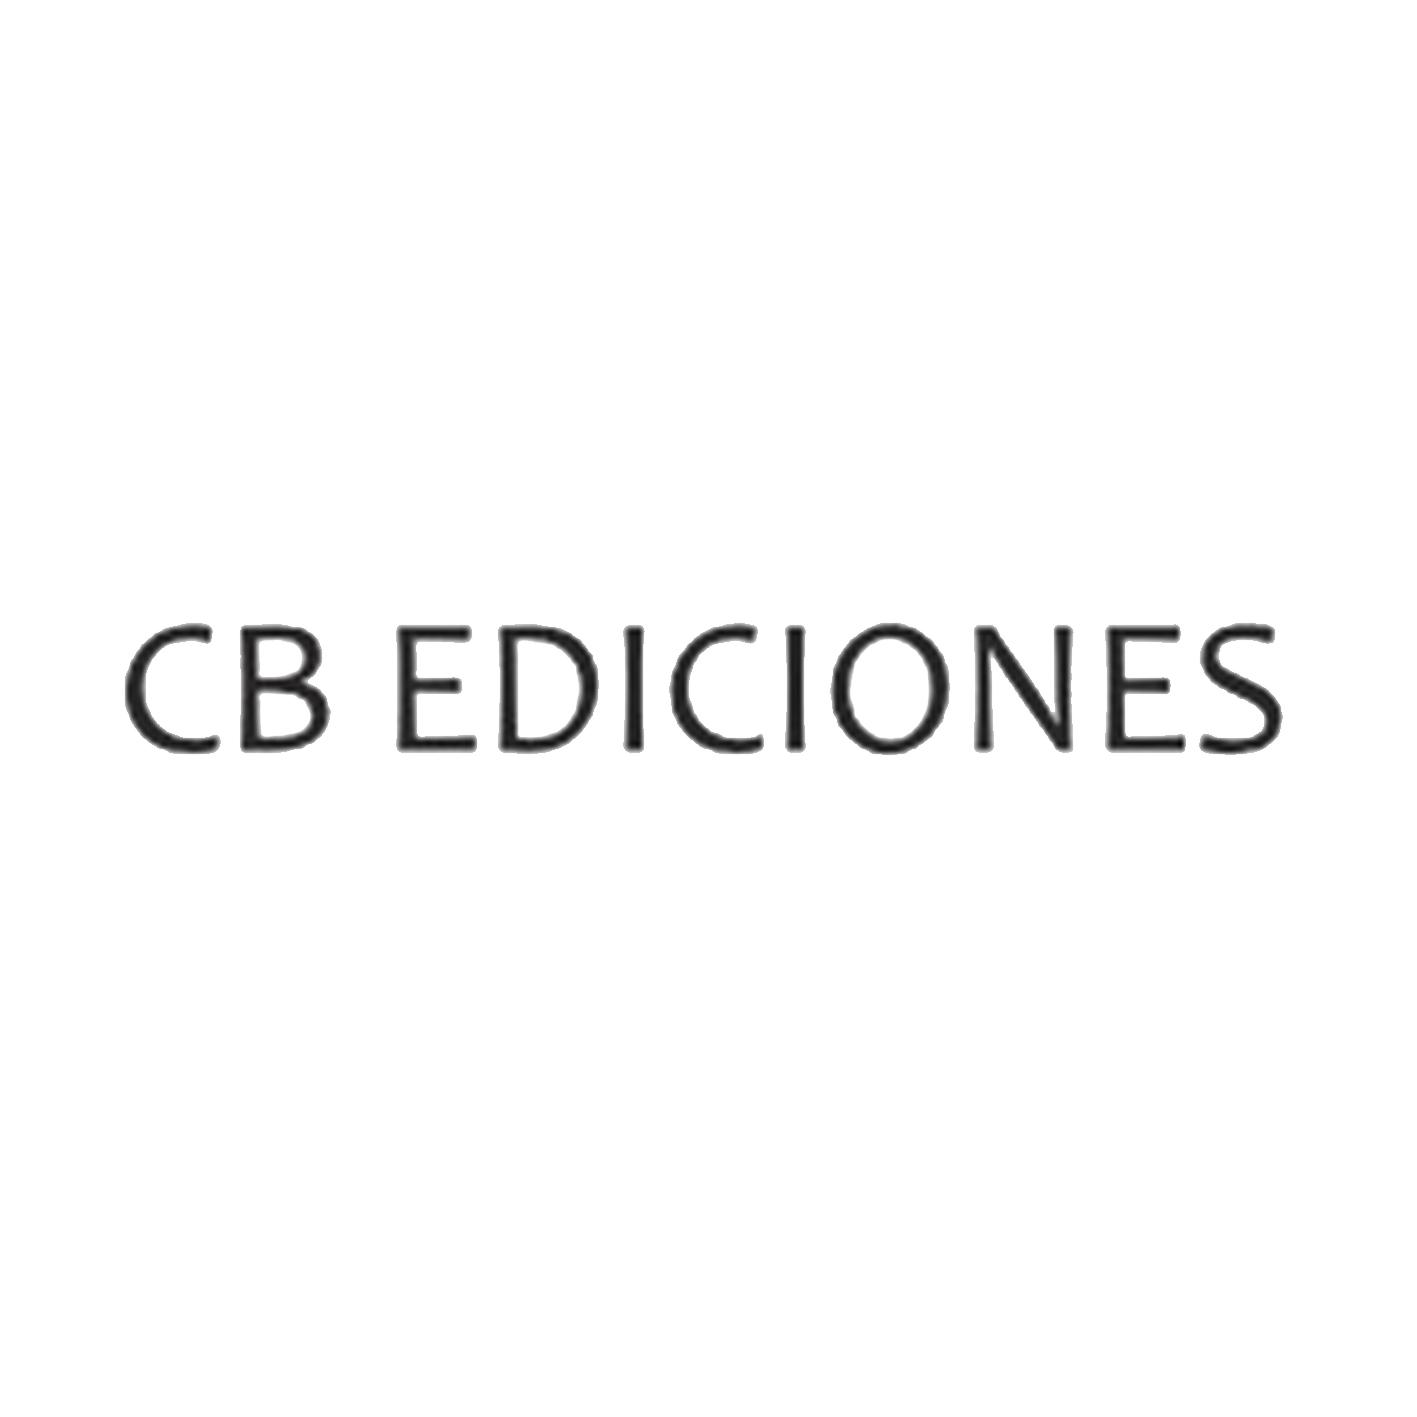 CB Ediciones